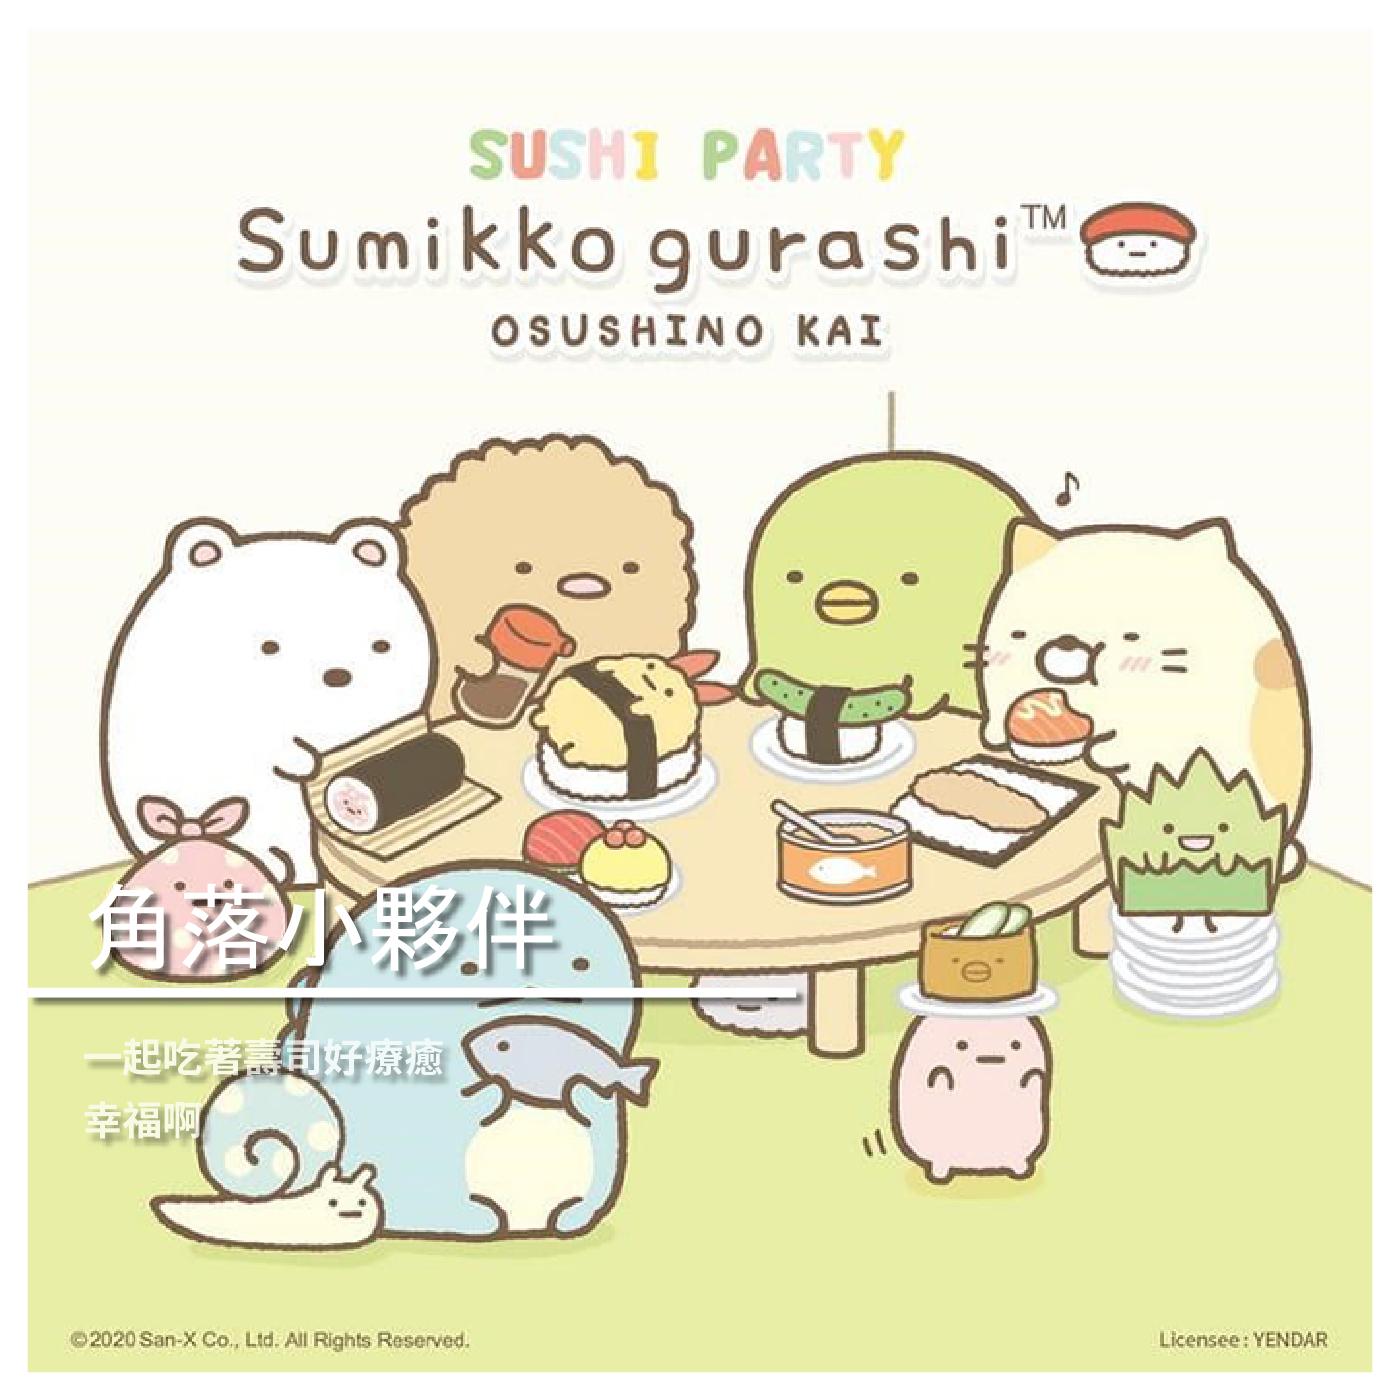 【桌遊星球】一套角落小夥伴的壽司派對 / 好療癒 / 好幸福阿